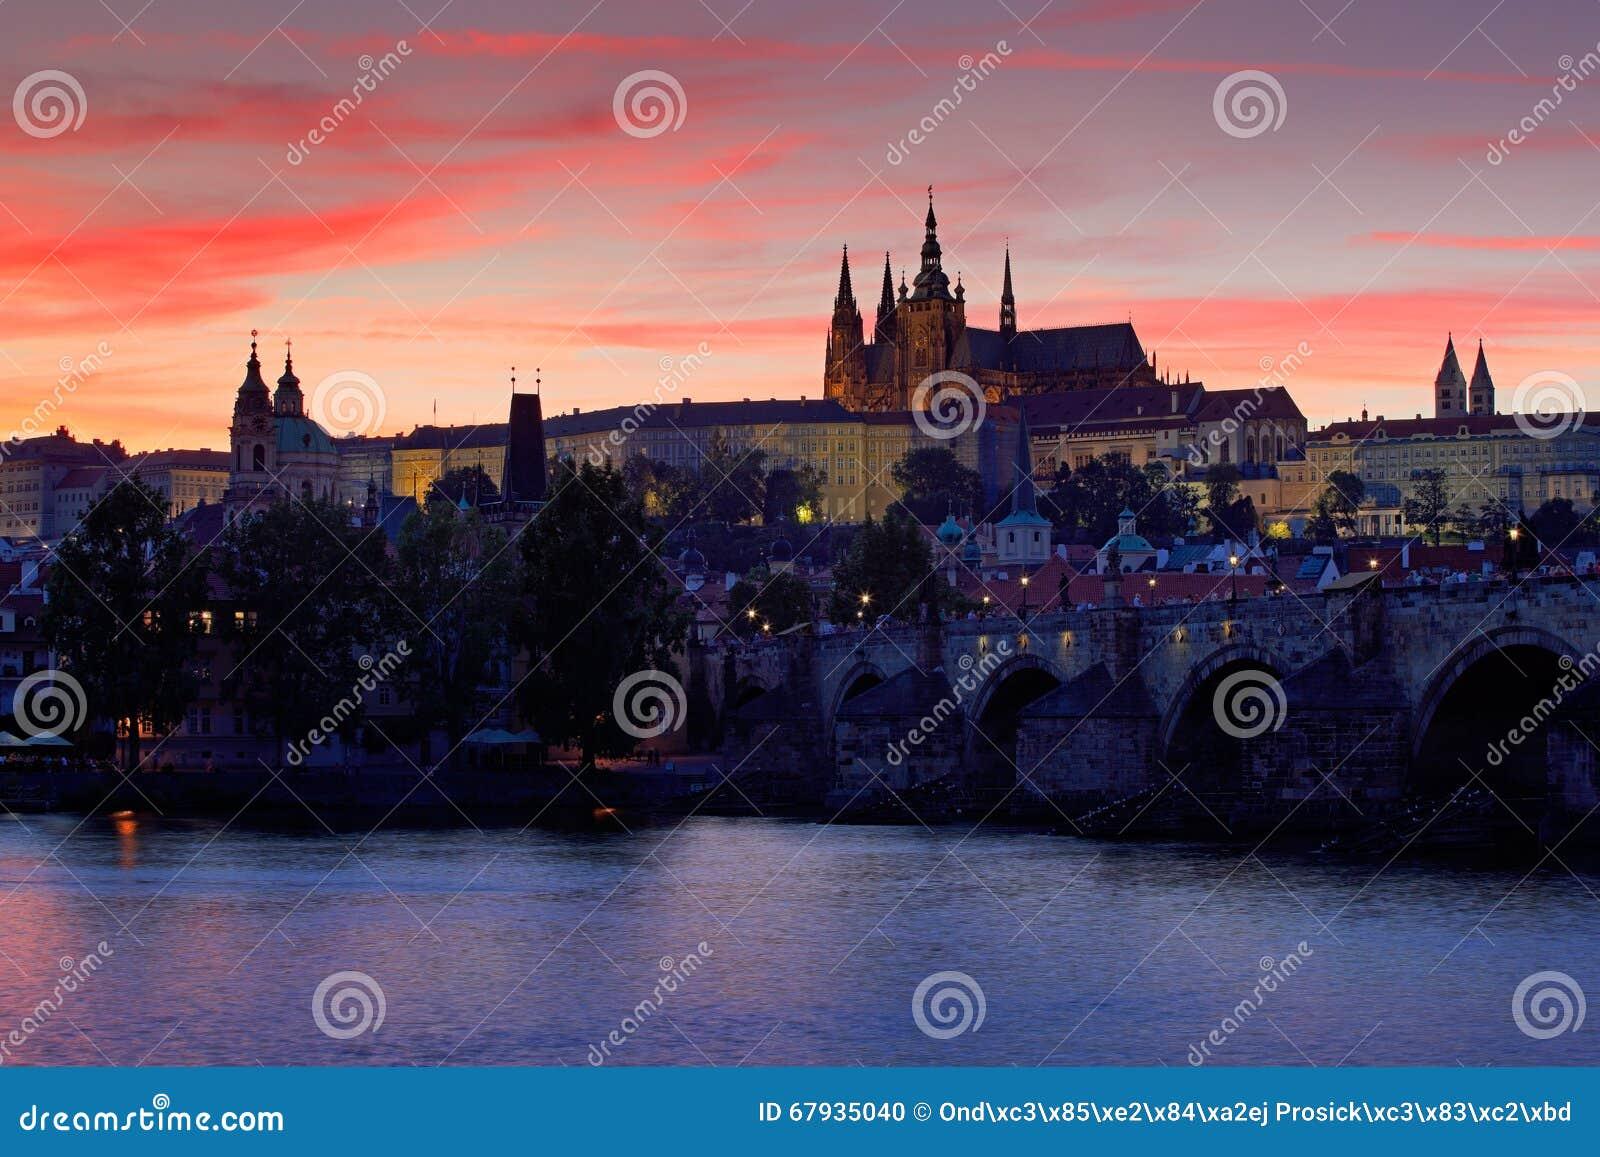 Замок Праги, готический стиль, самый большой старый замок в мире и Карлов мост, построенный в средневековых временах, moving шлюп